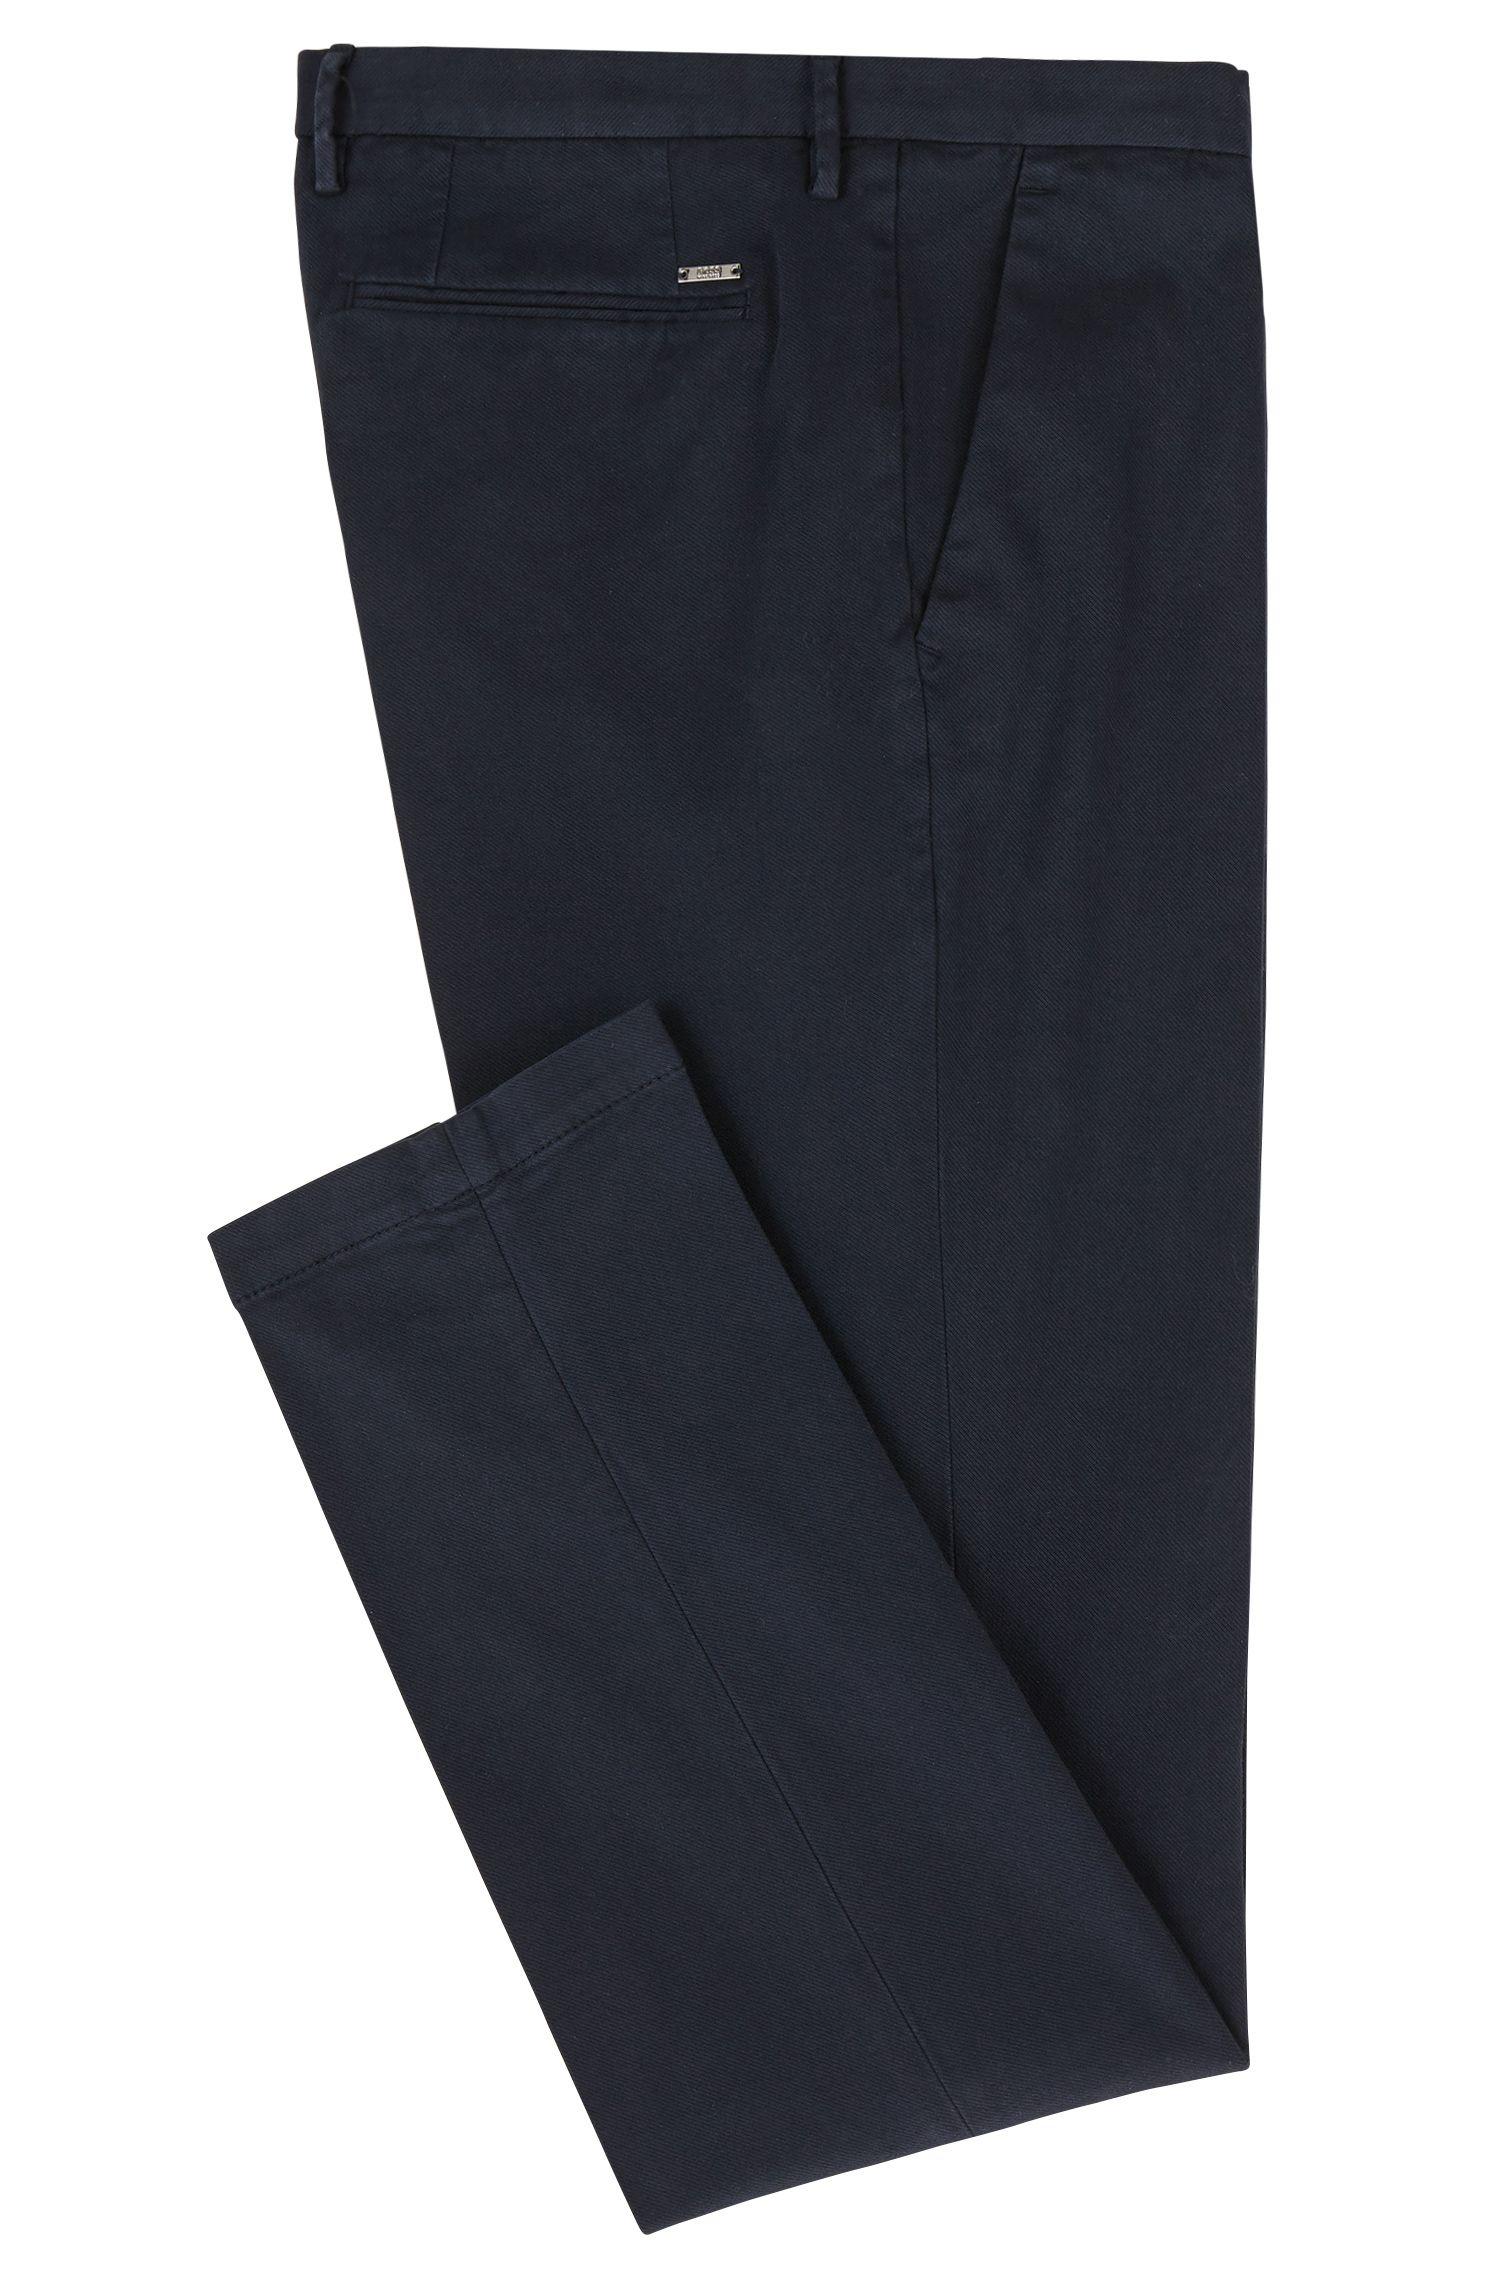 Chino slim fit in cotone elasticizzato italiano